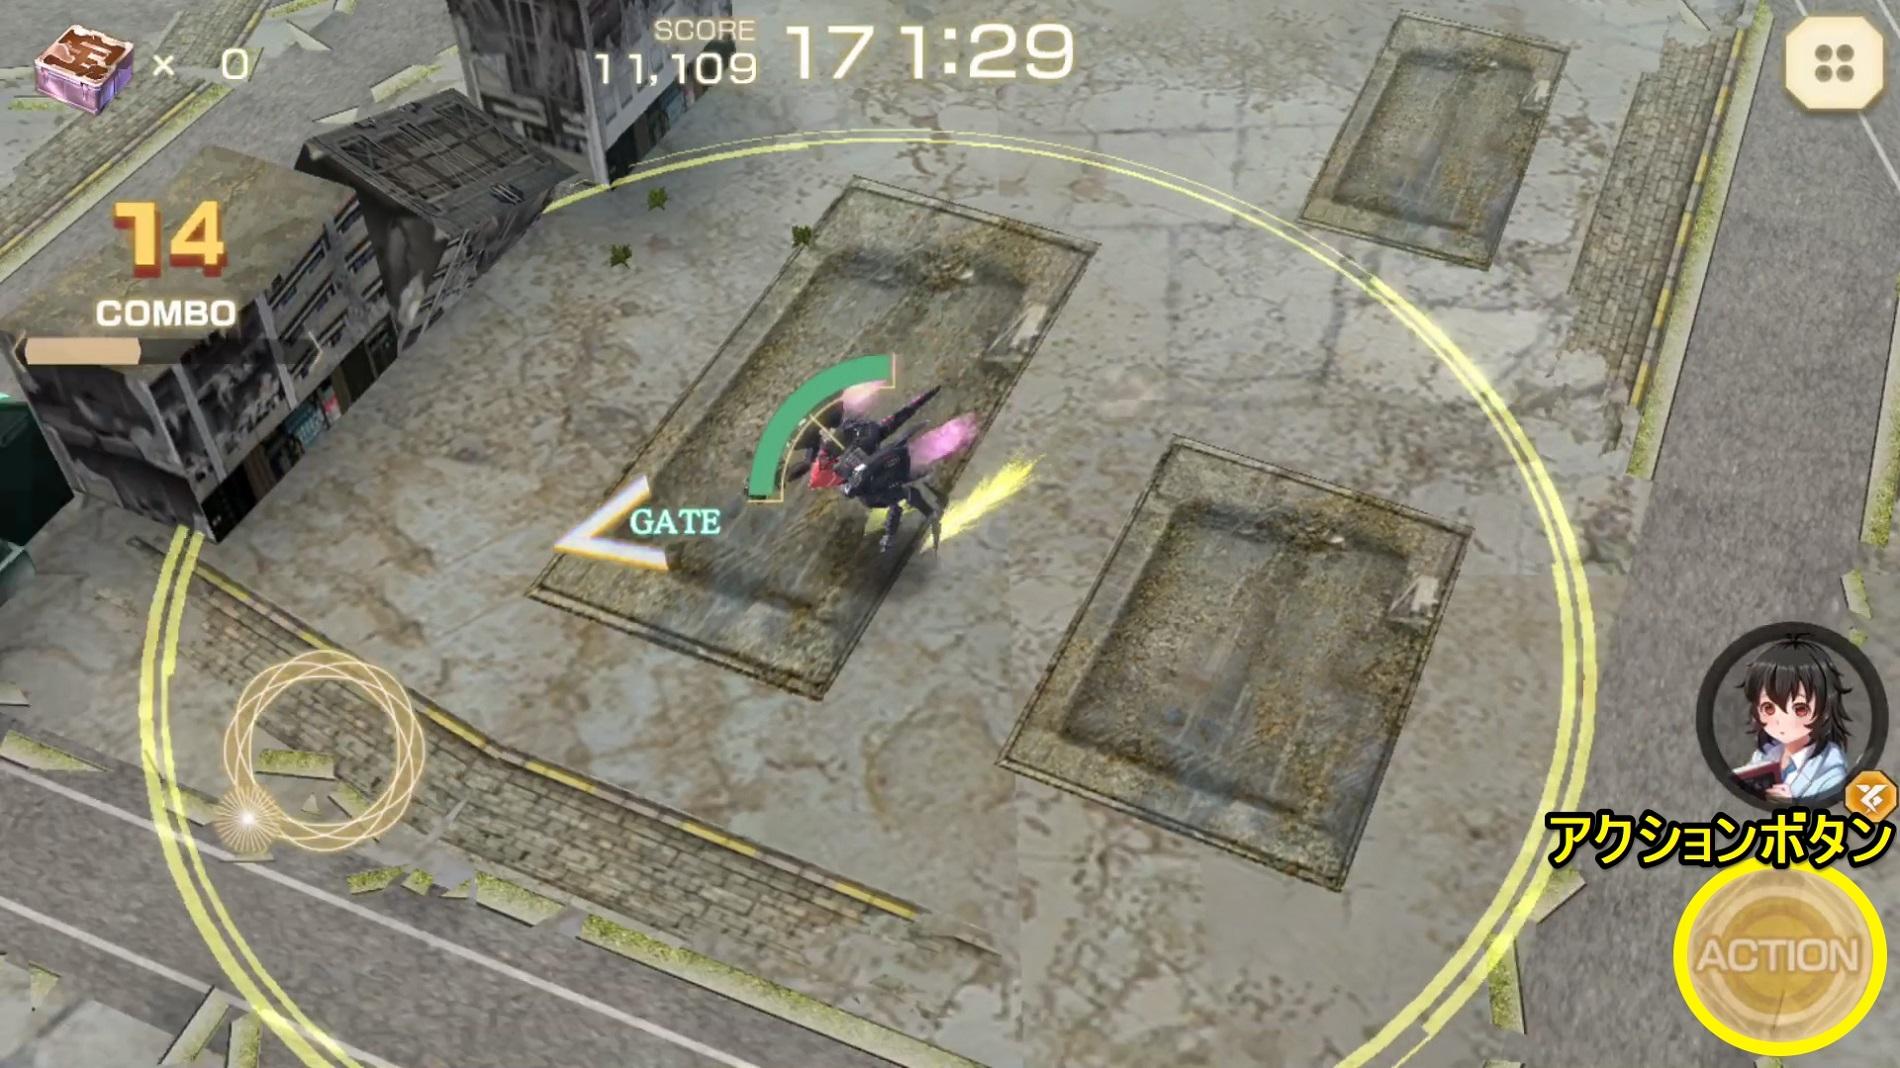 サンジャス【攻略】: 撃破数がカギ!バトルパートの立ち回り方と状況別要塞機